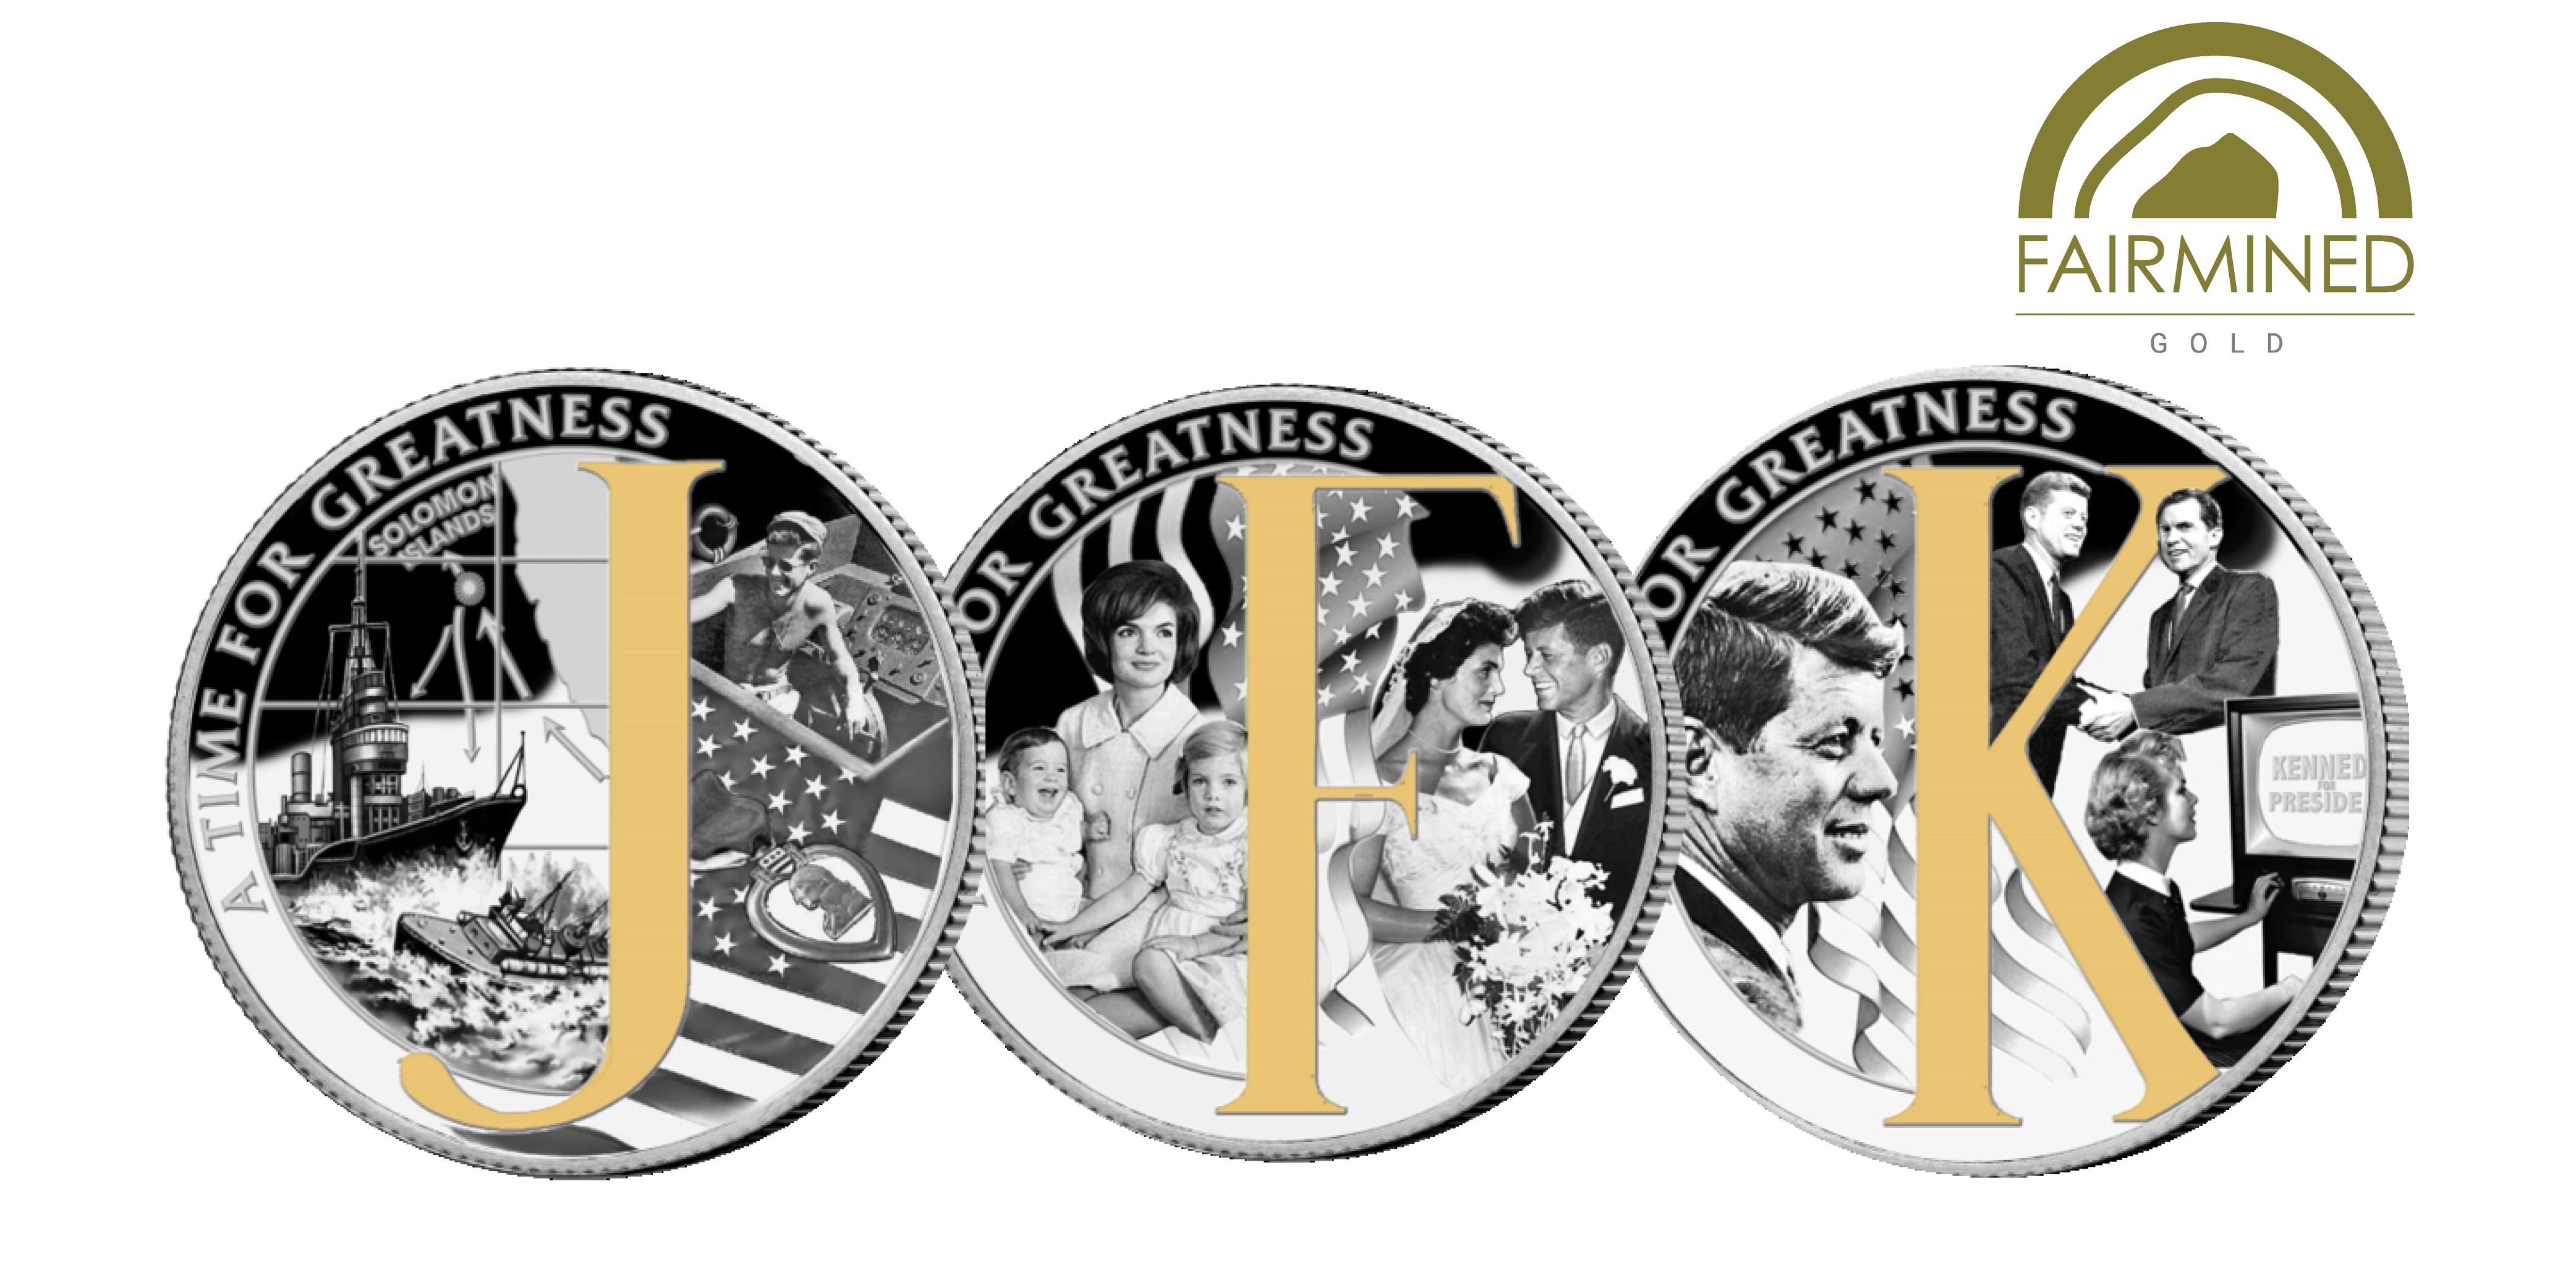 Et eksklusivt minde om John F. Kennedyog de centrale øjeblikke, der formede ham til den store leder, som vi husker ham som i dag.